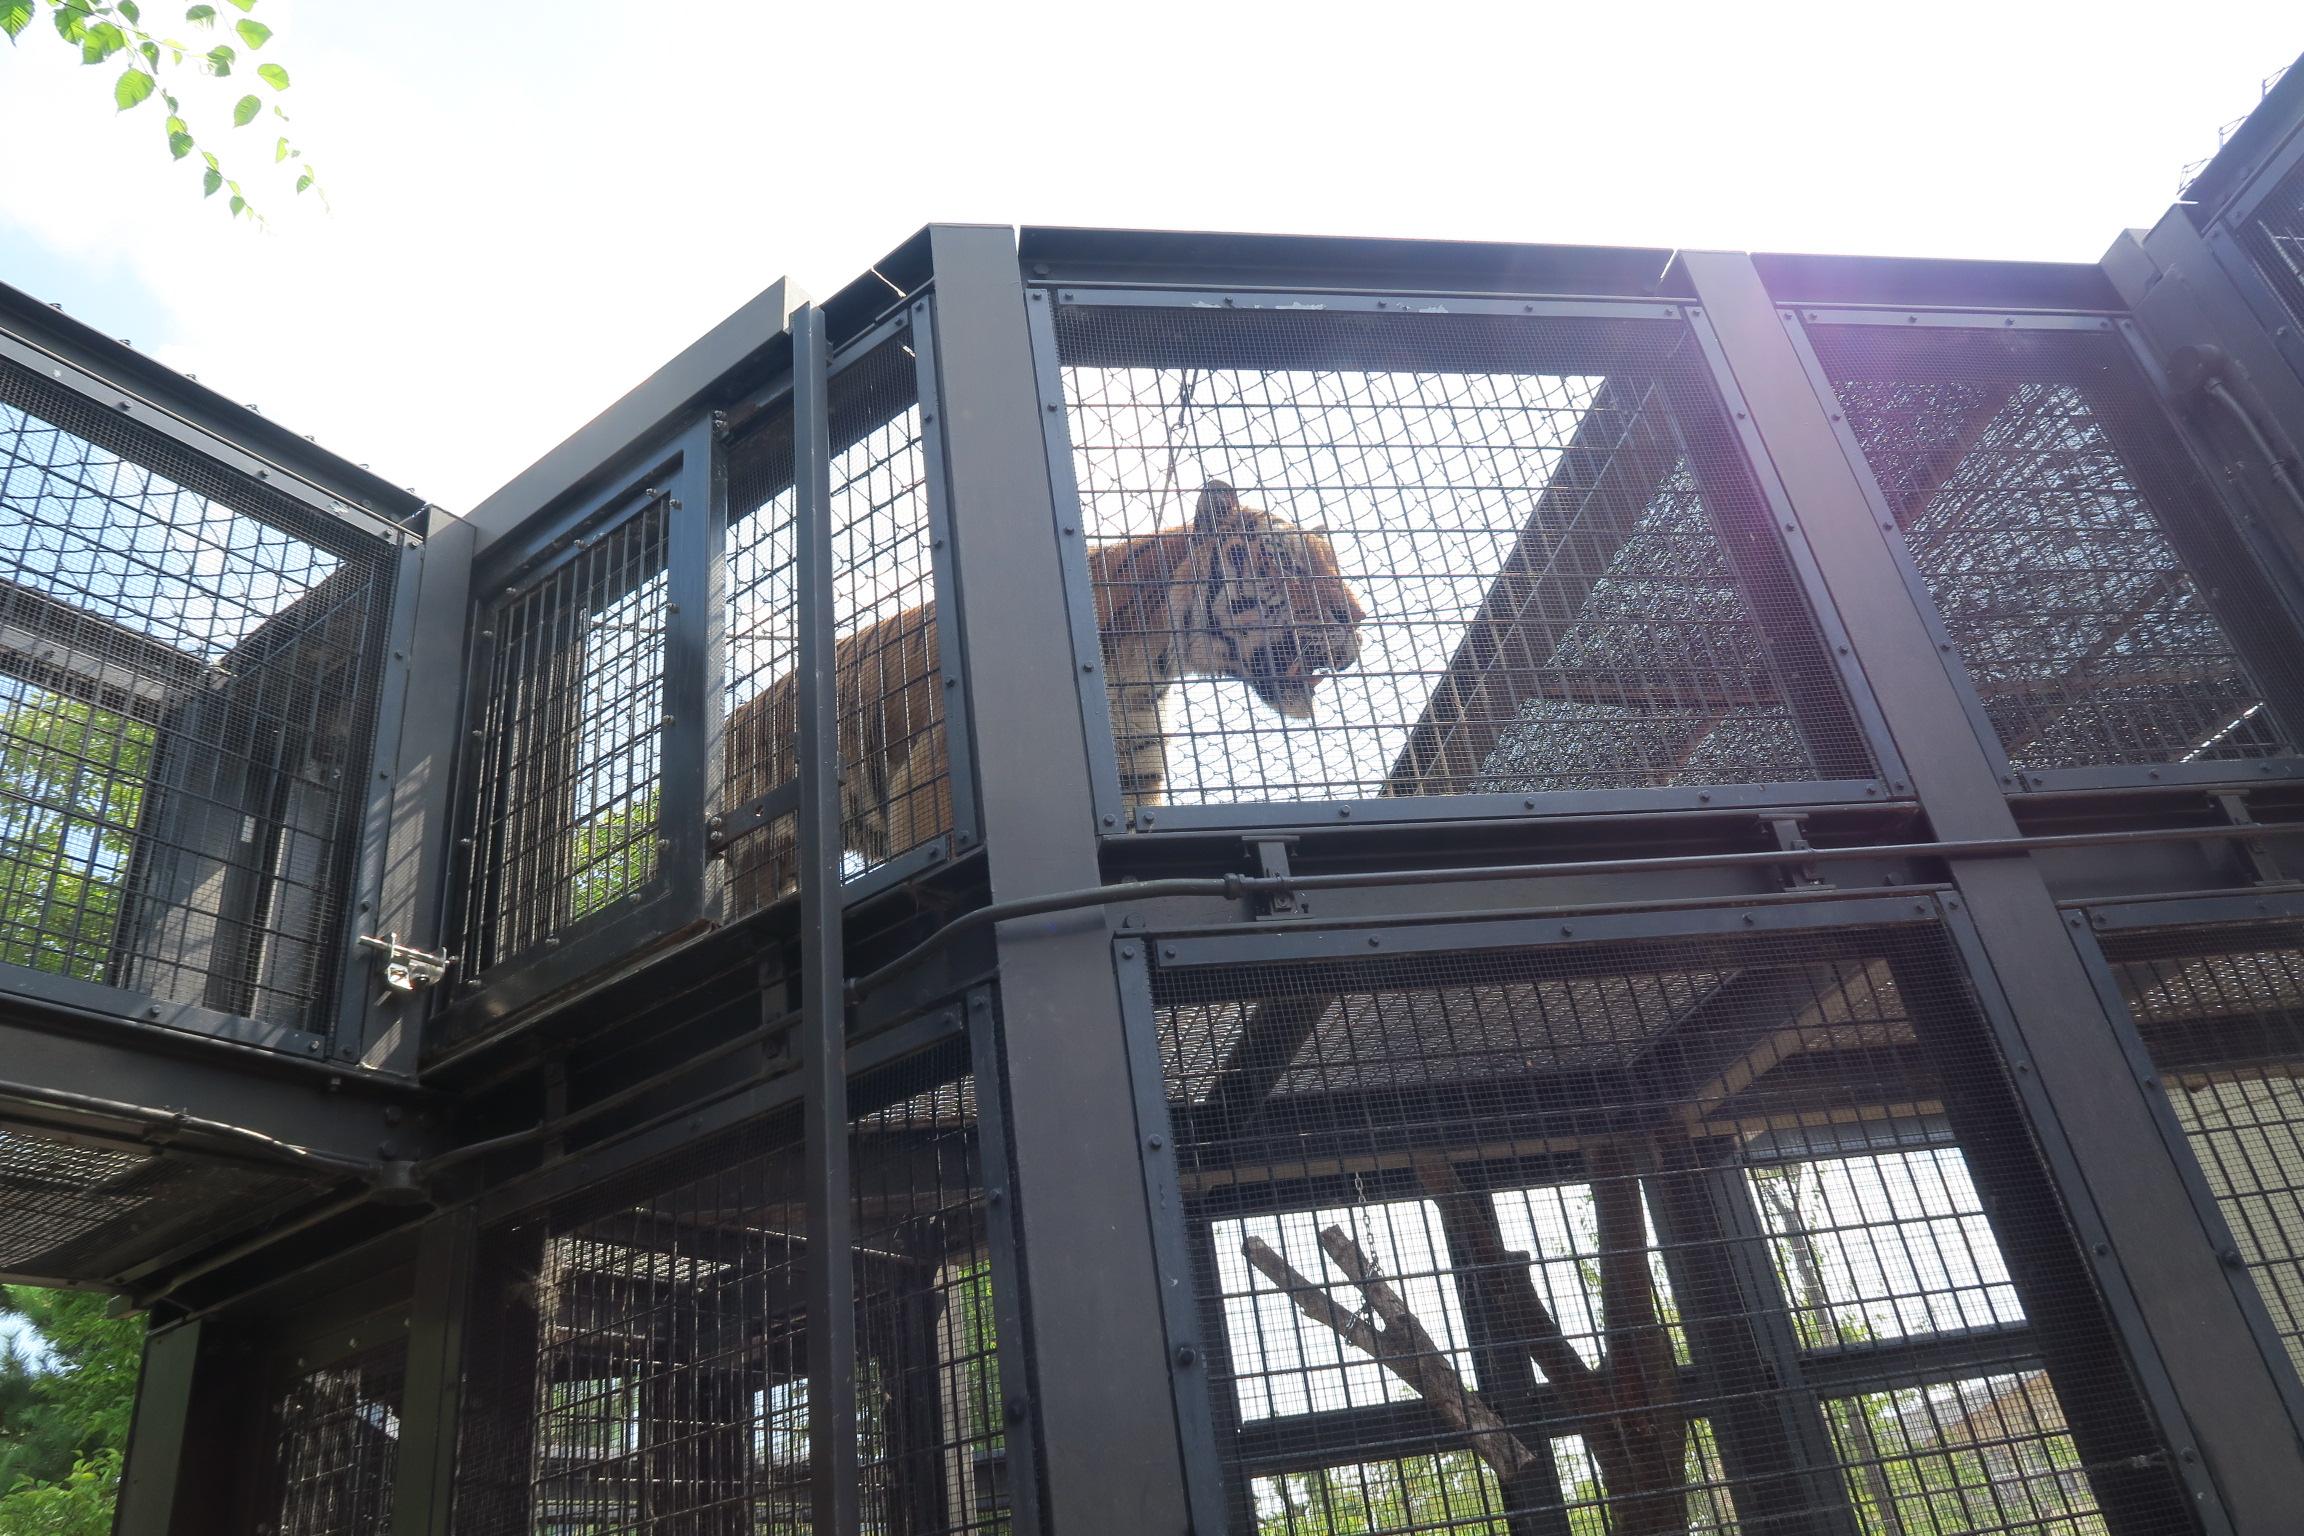 お隣は、トラが数匹いました。ちょうど、餌やりの時間で、鶏をガツガツ食べる様子が見られました。